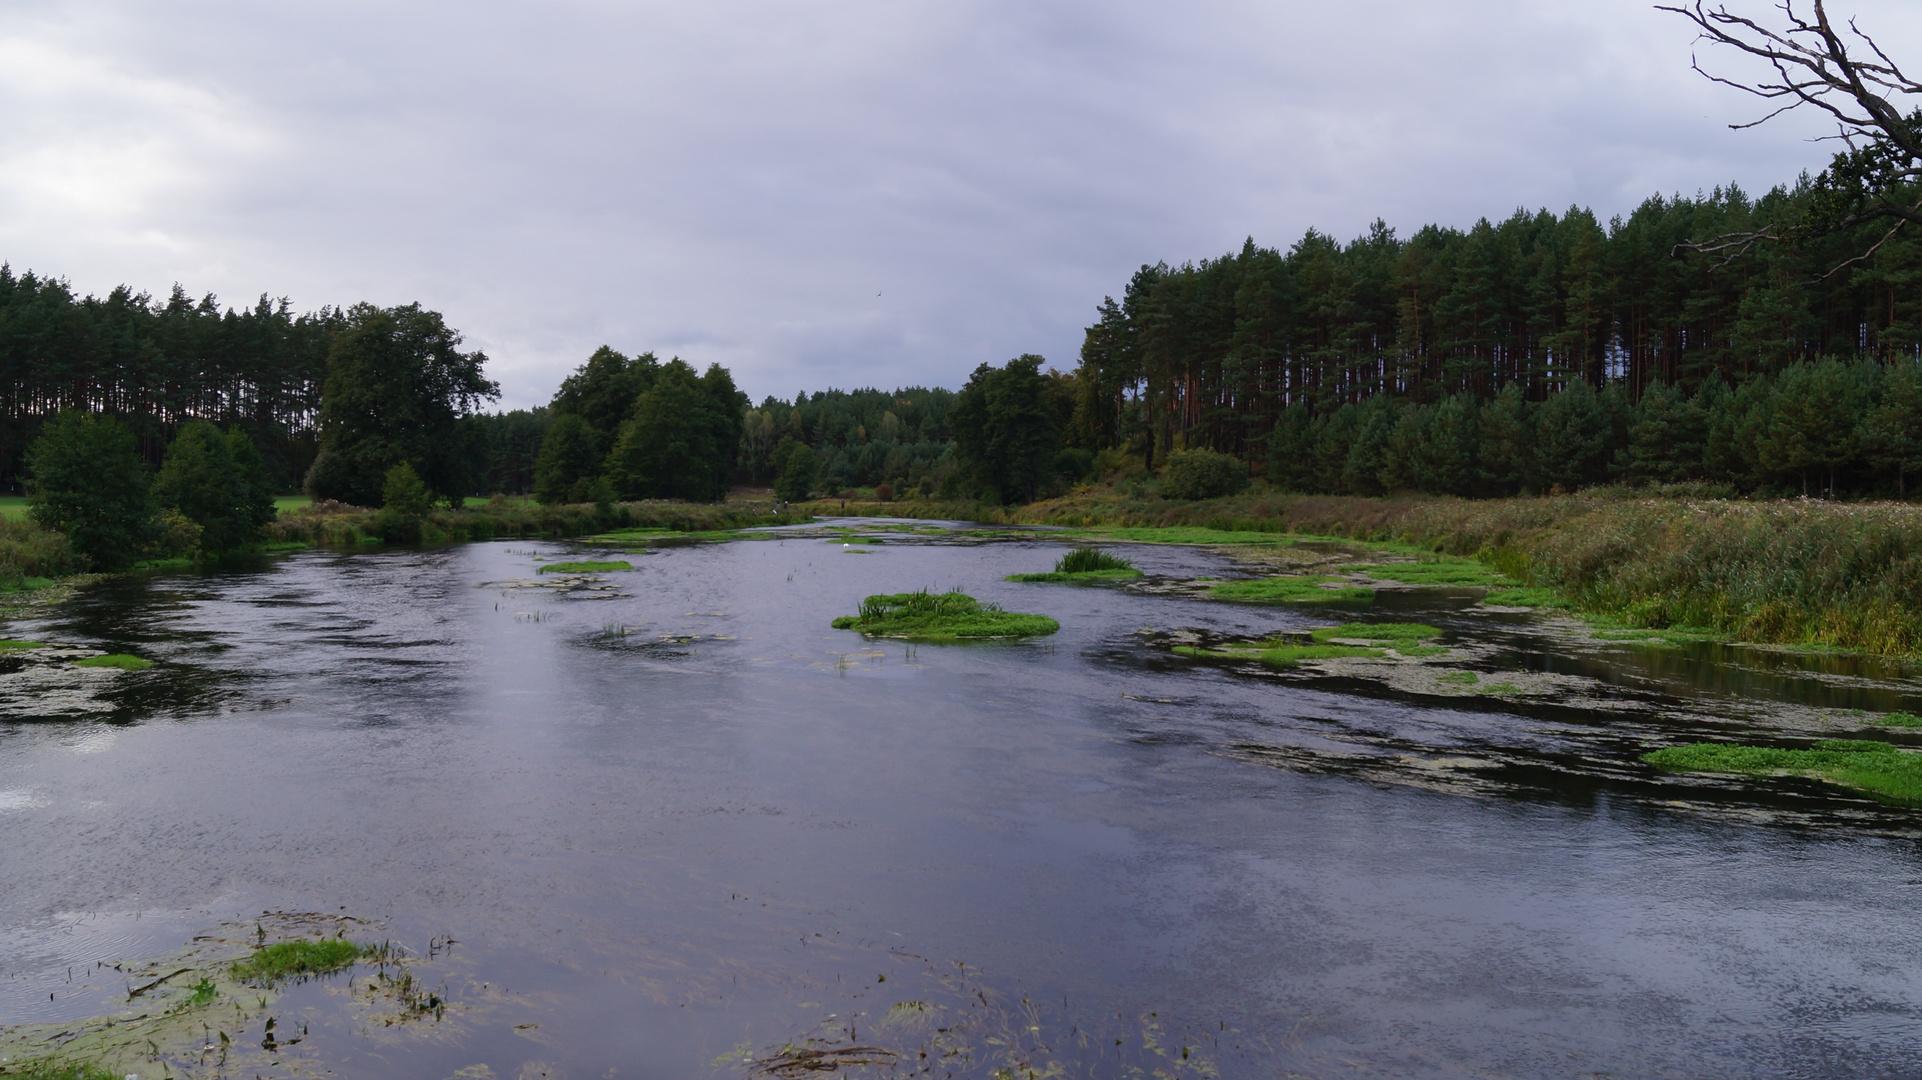 The Wda River.